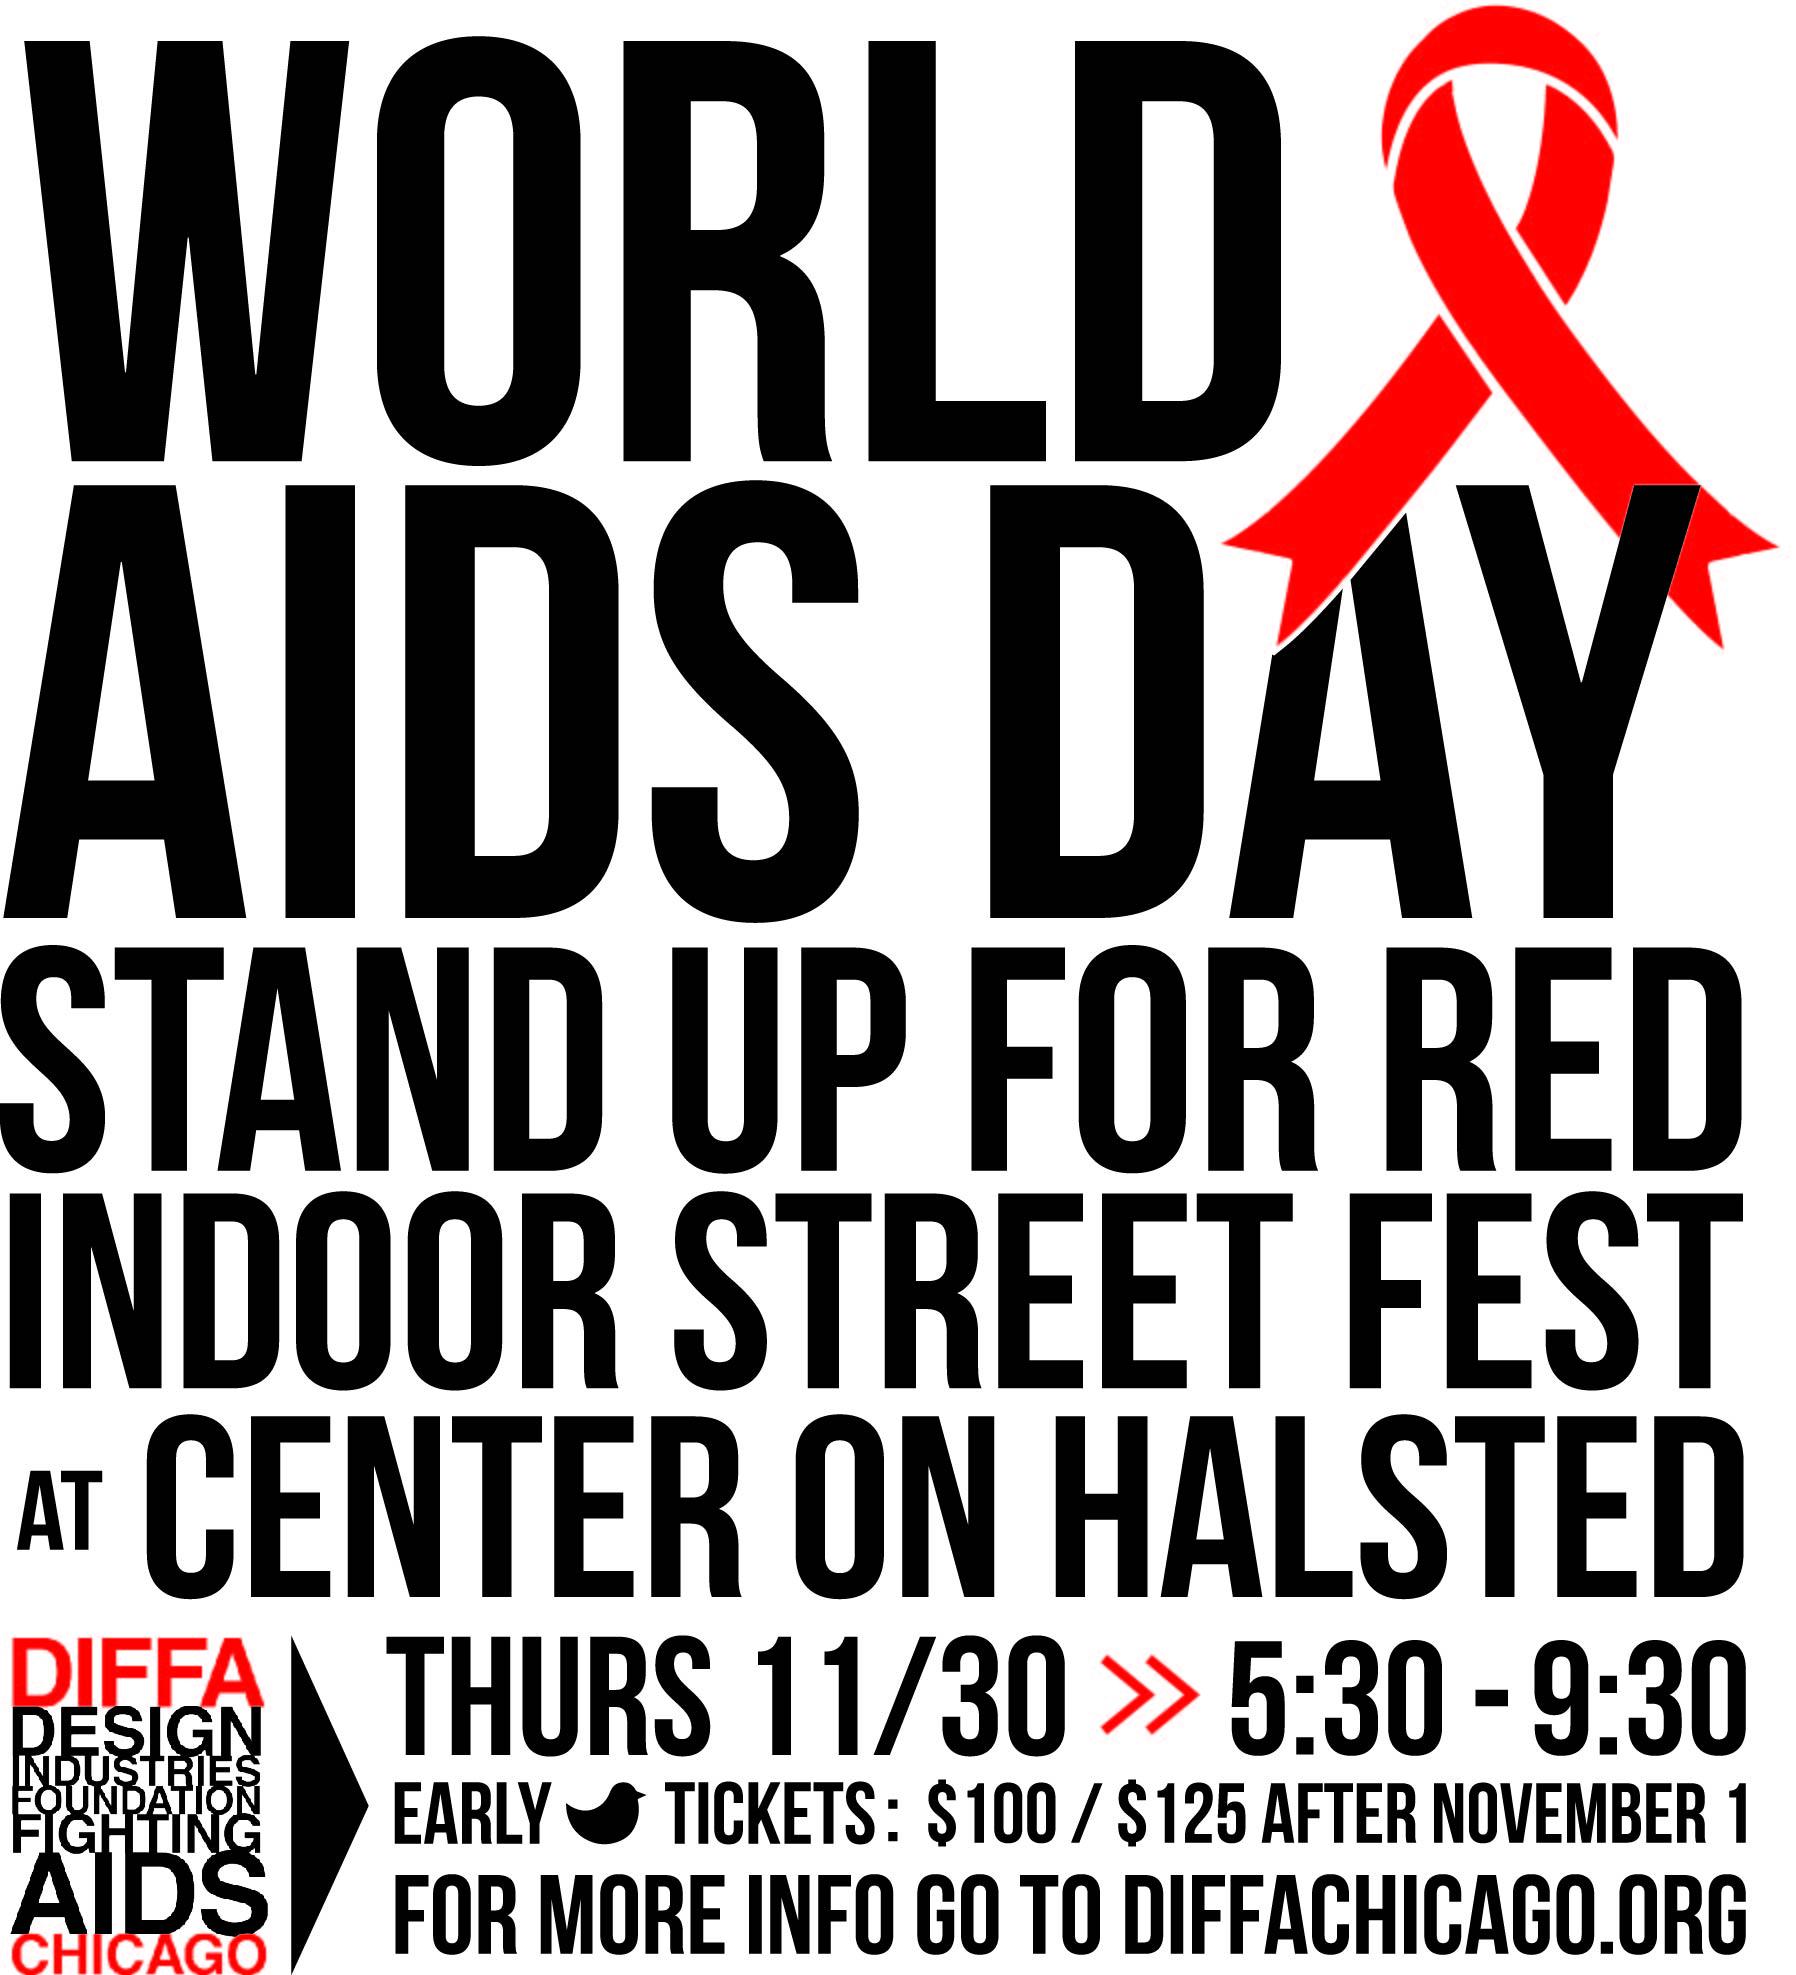 WorldAIDS Street Fest 2017